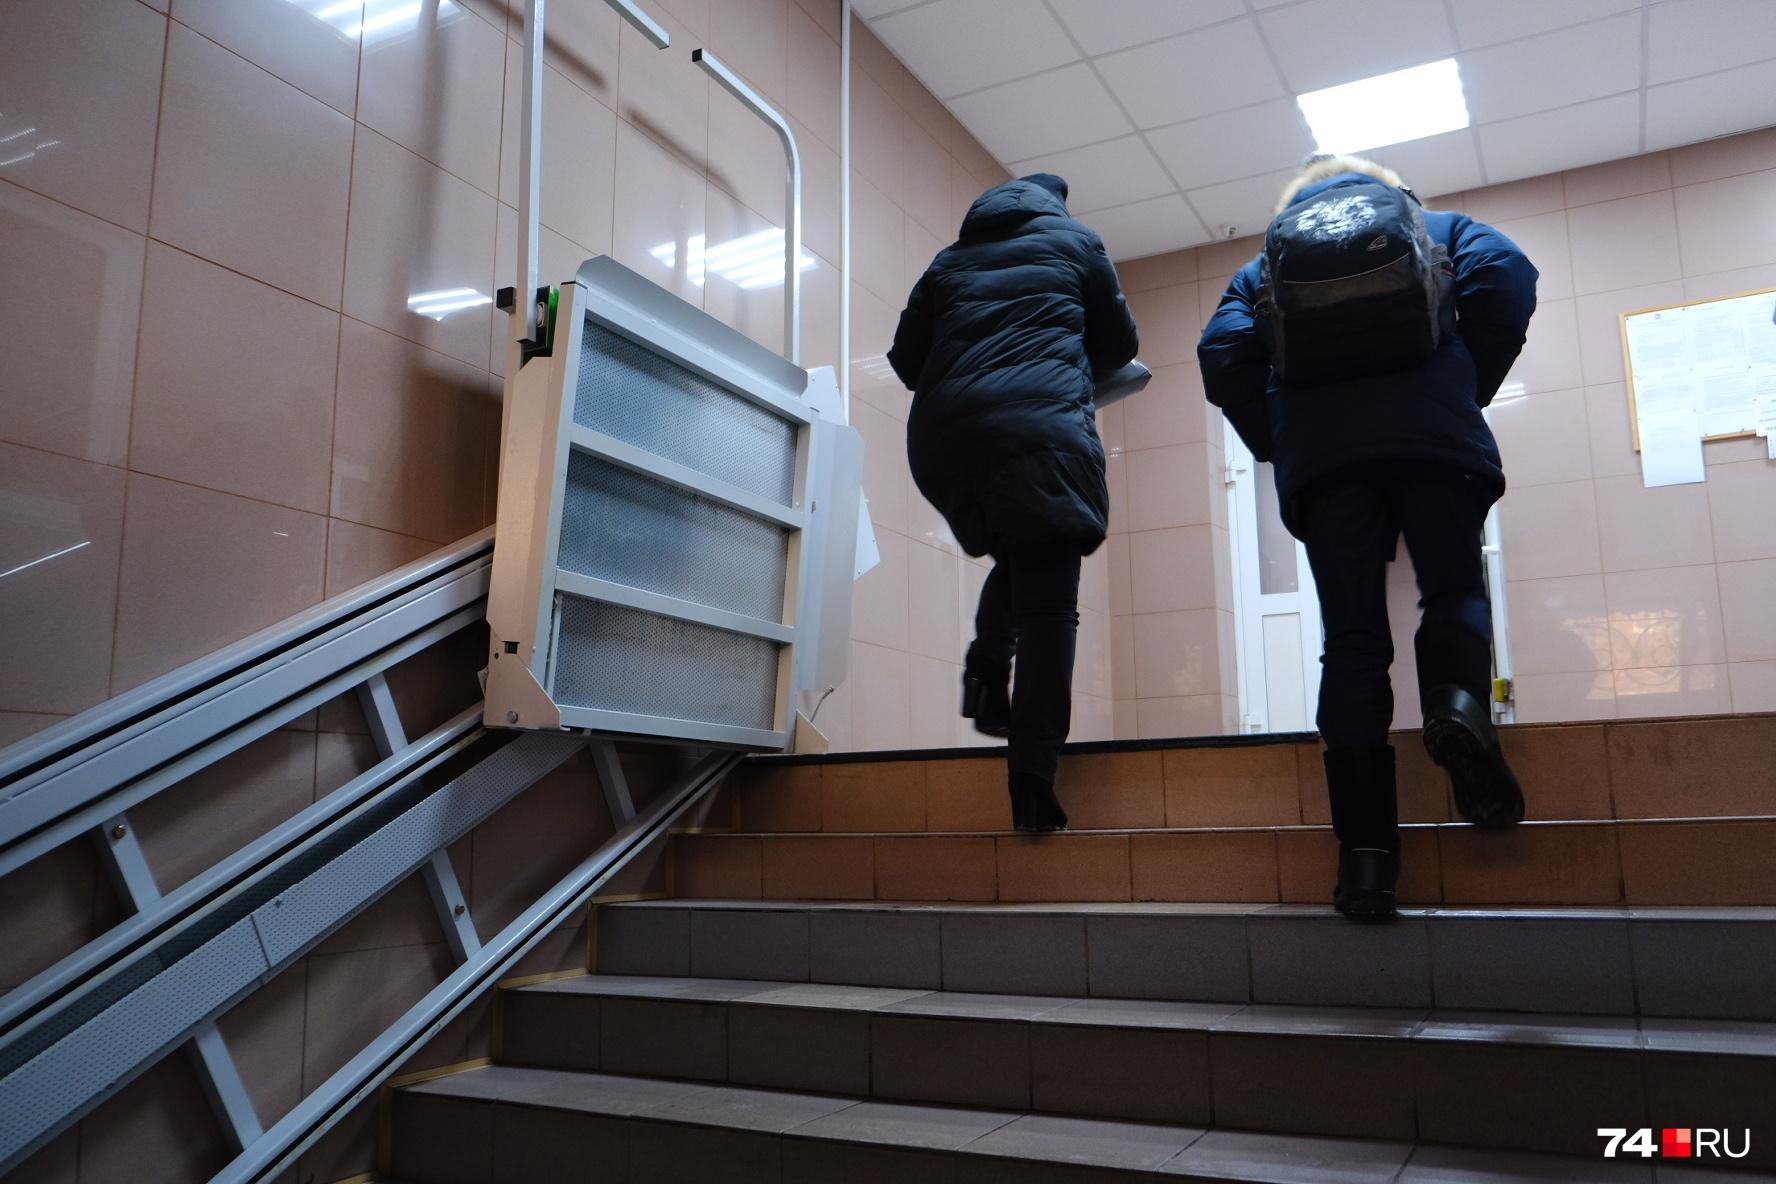 Подъемник обошелся инвалиду в сумму около 150 тысяч рублей